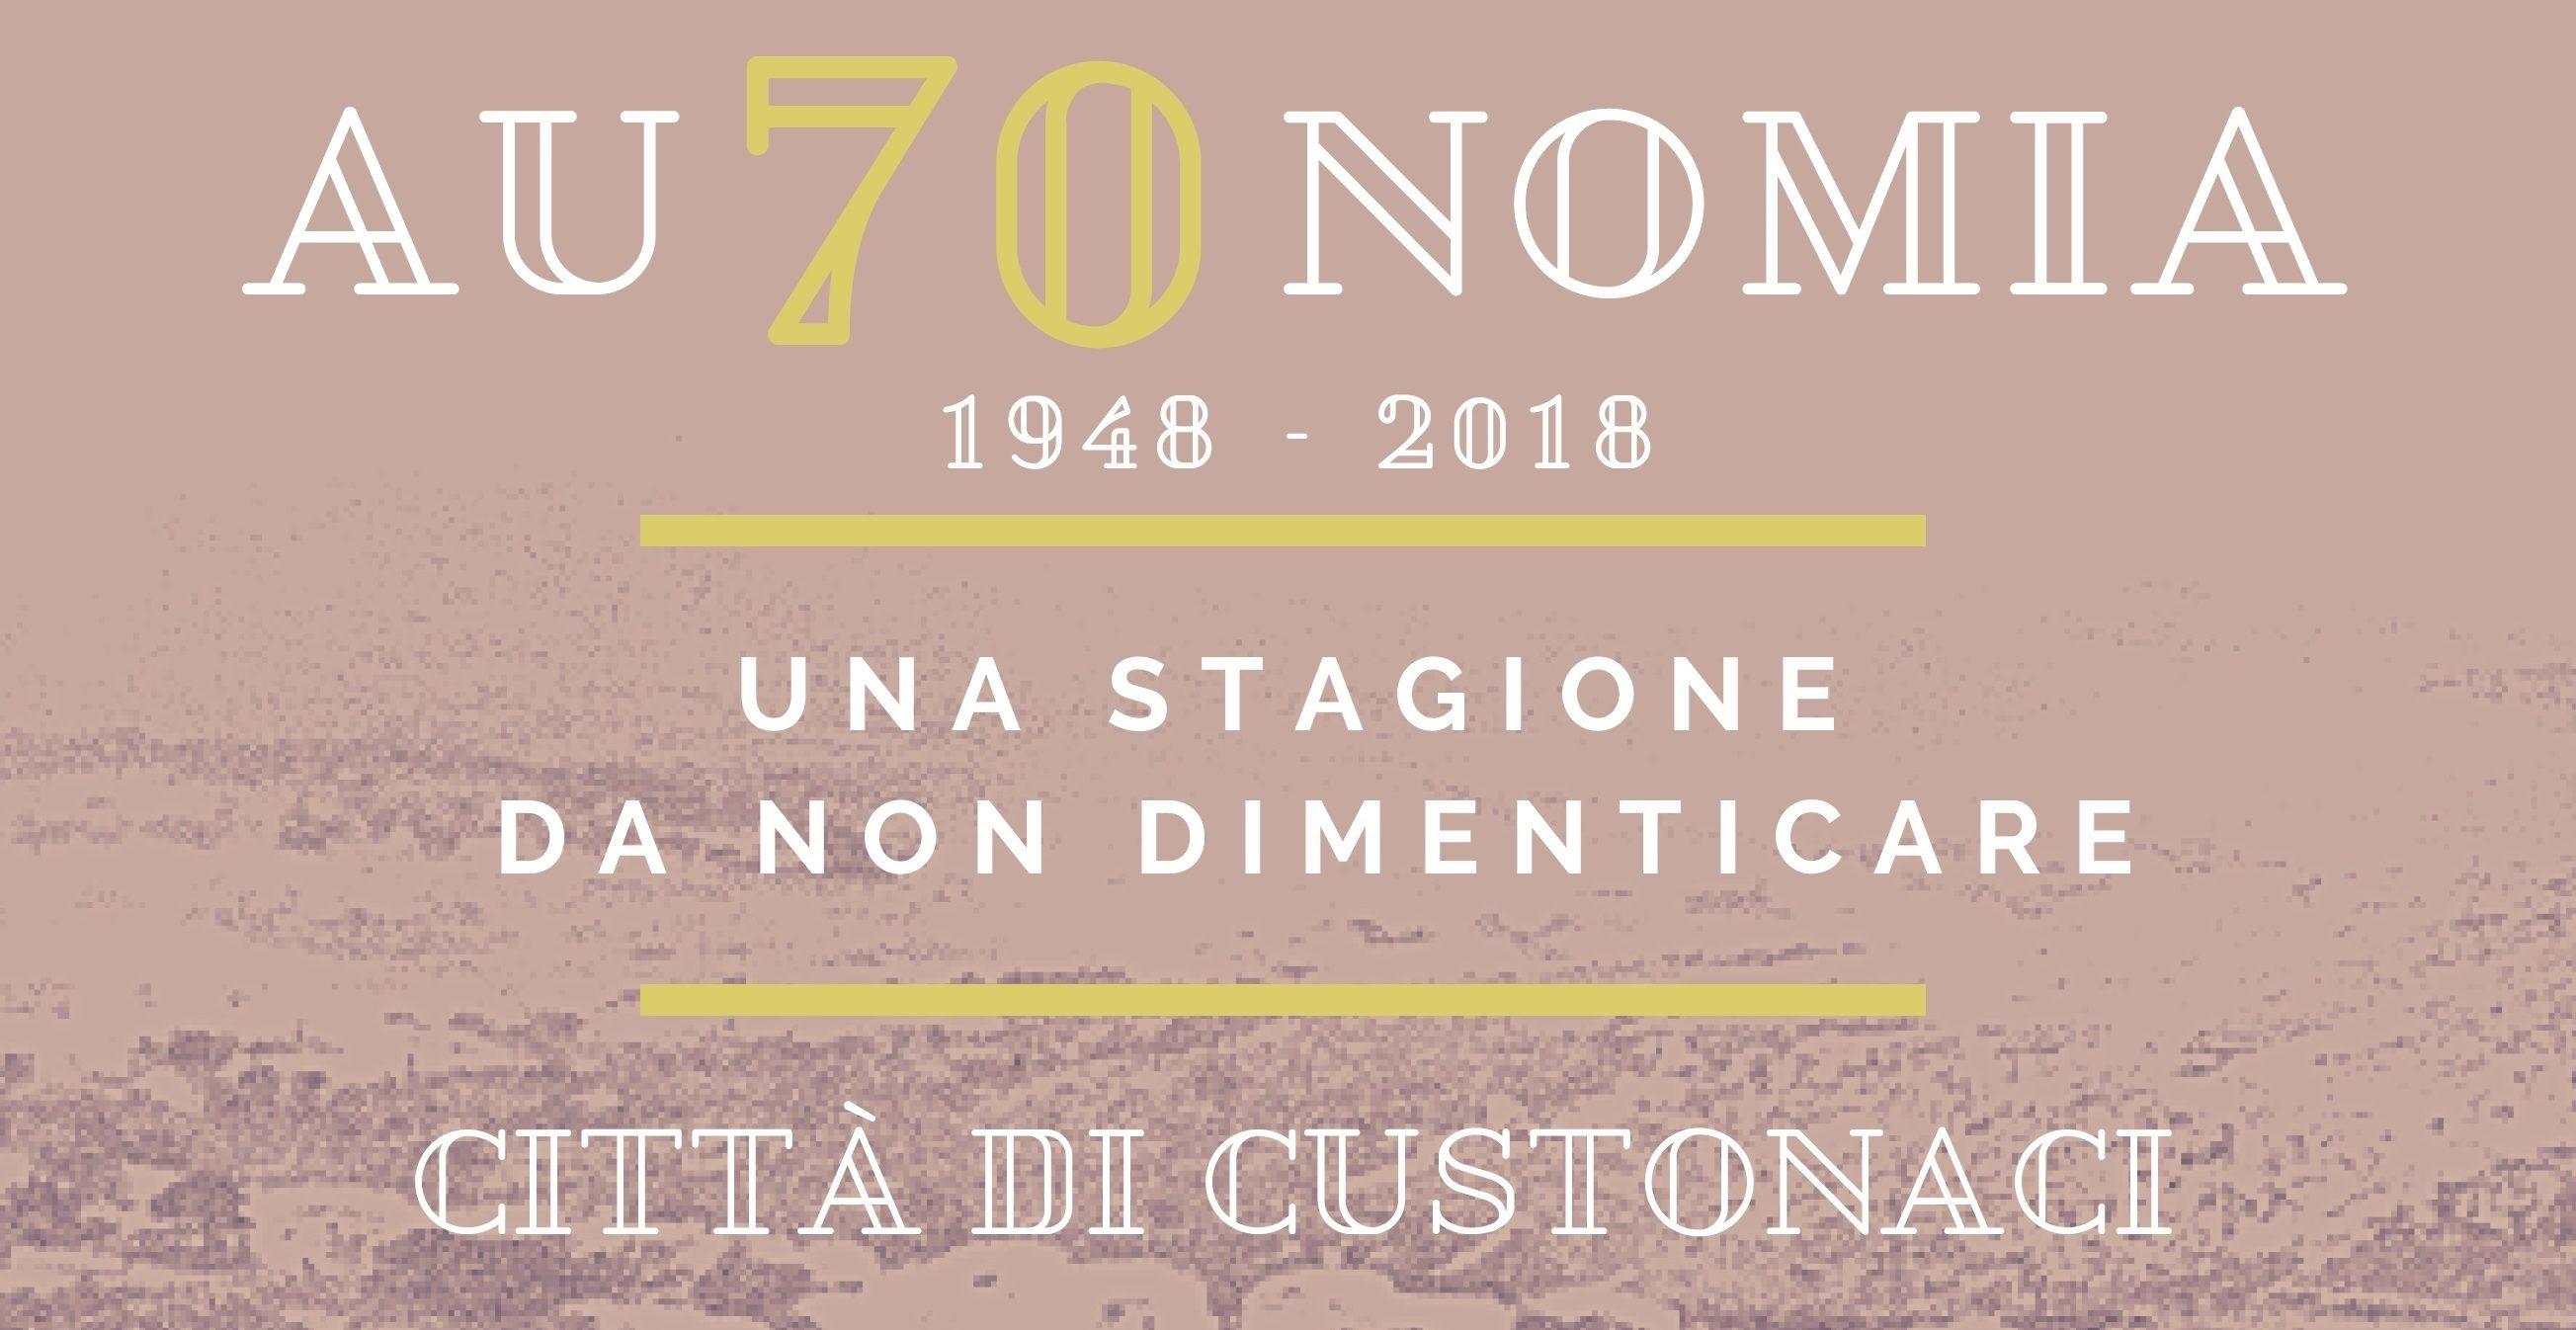 Custonaci: Al via le celebrazioni per i 70 anni di autonomia del comune.